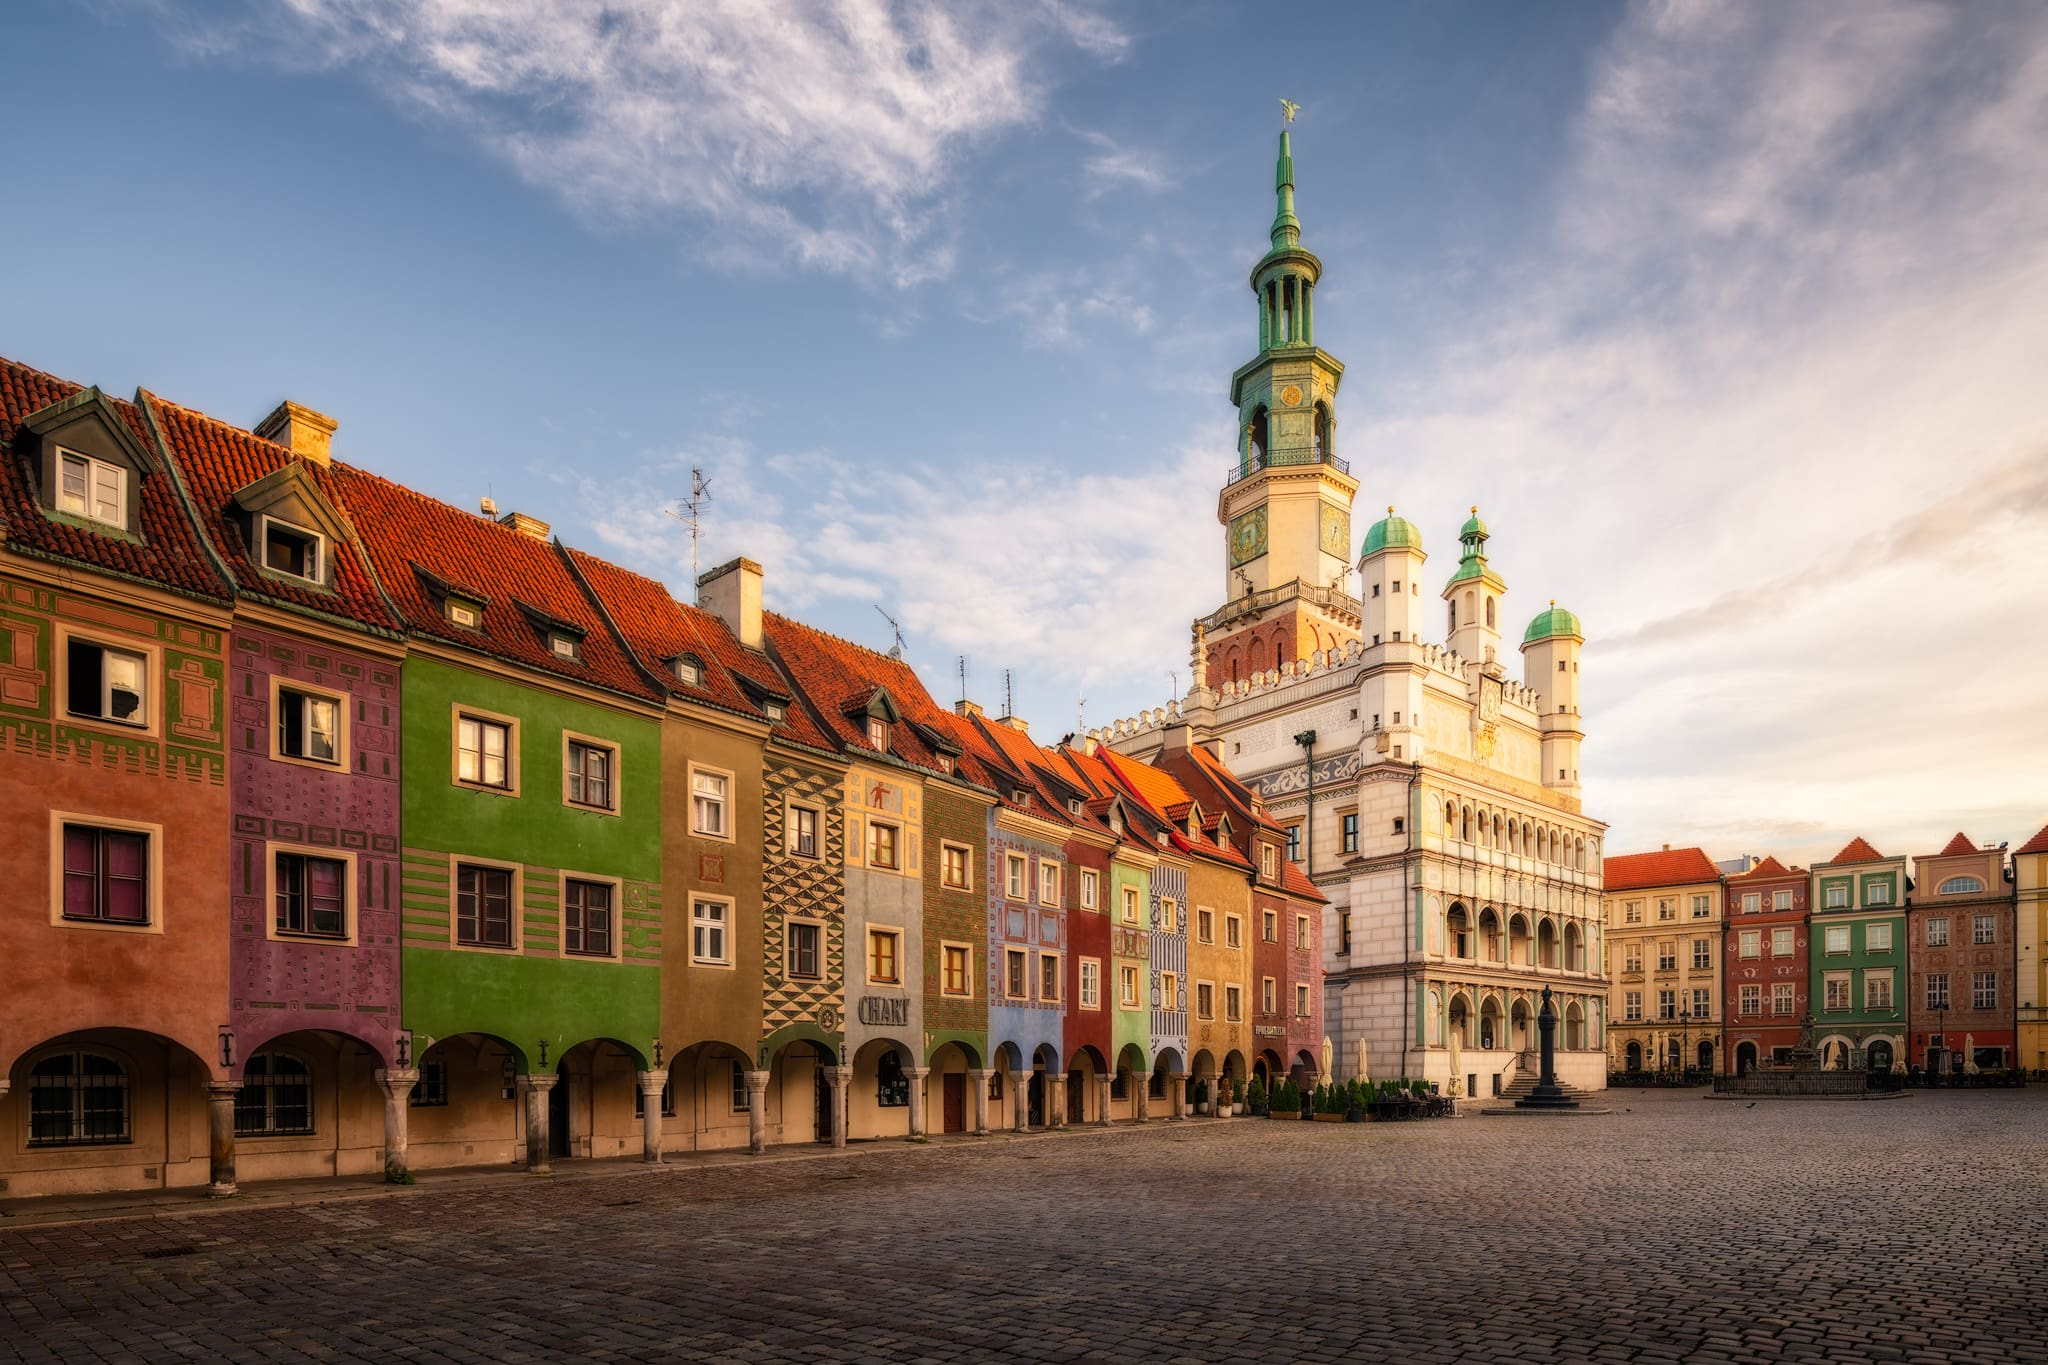 Der Alte Marktplatz in Poznań mit dem Rathaus und der Tuchhalle; Polen